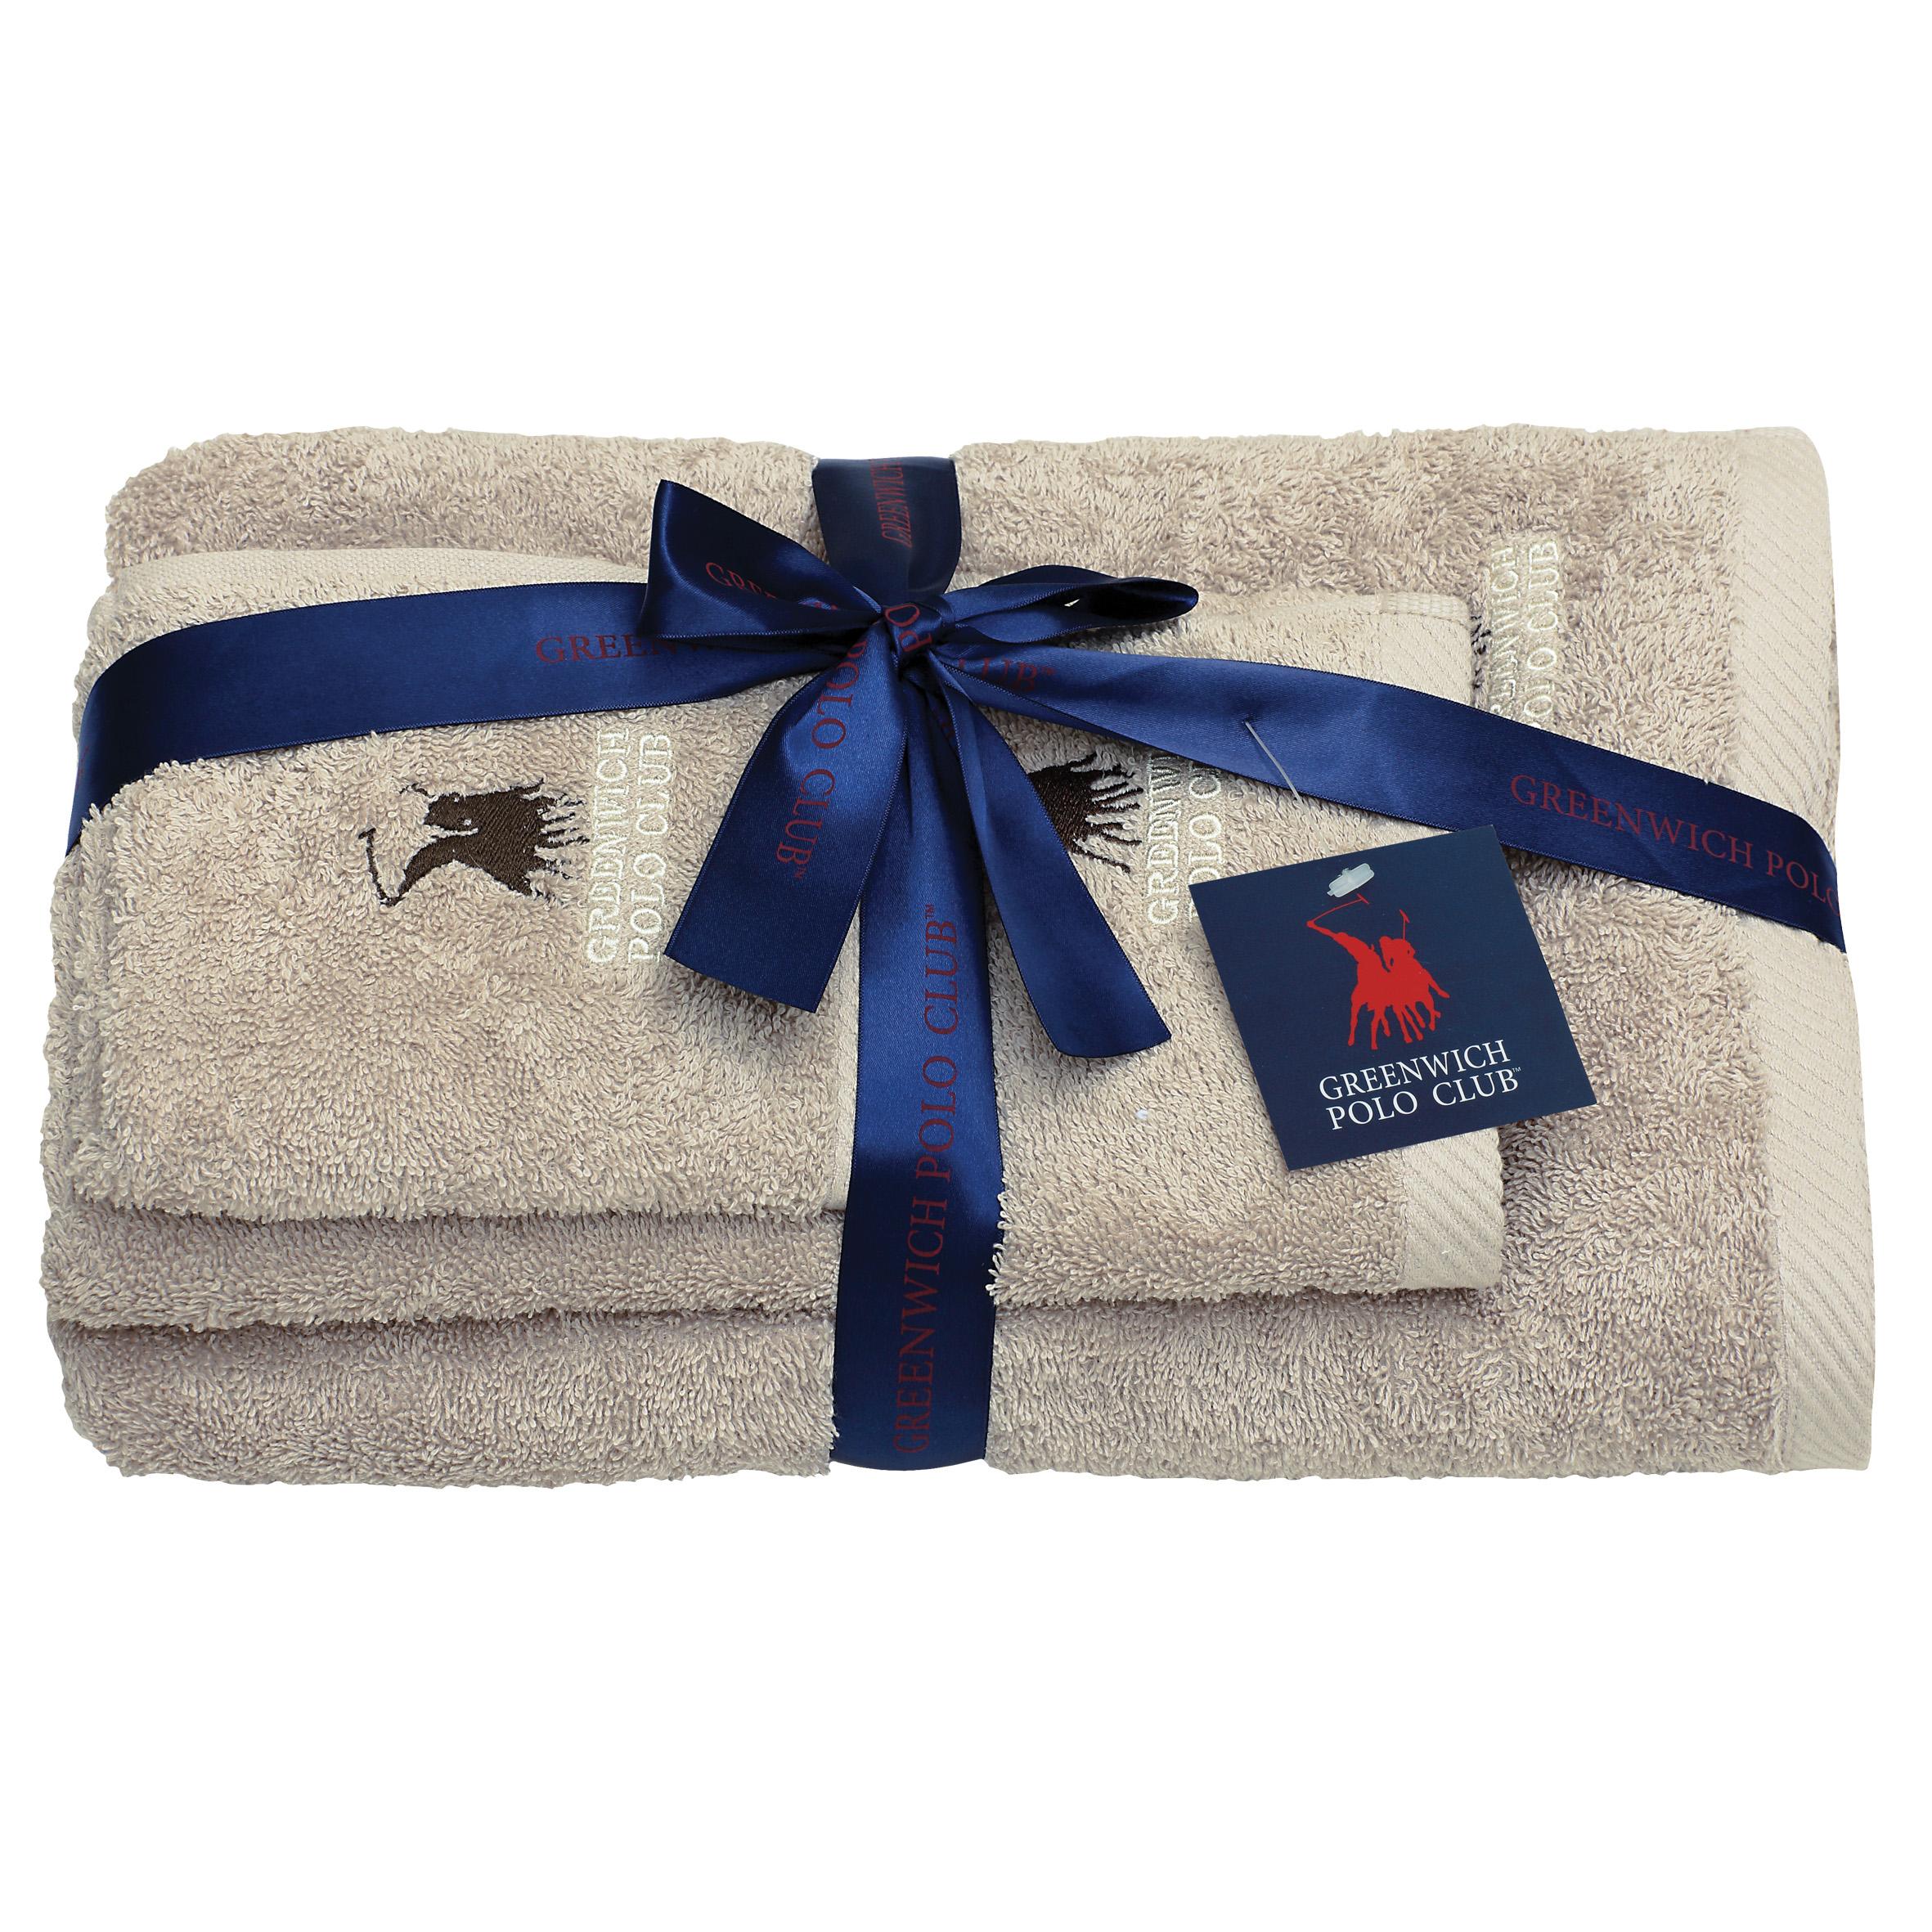 Πετσέτες Μπάνιου (Σετ 3 Τμχ) Greenwich Polo Club Essential 2505 Μπεζ